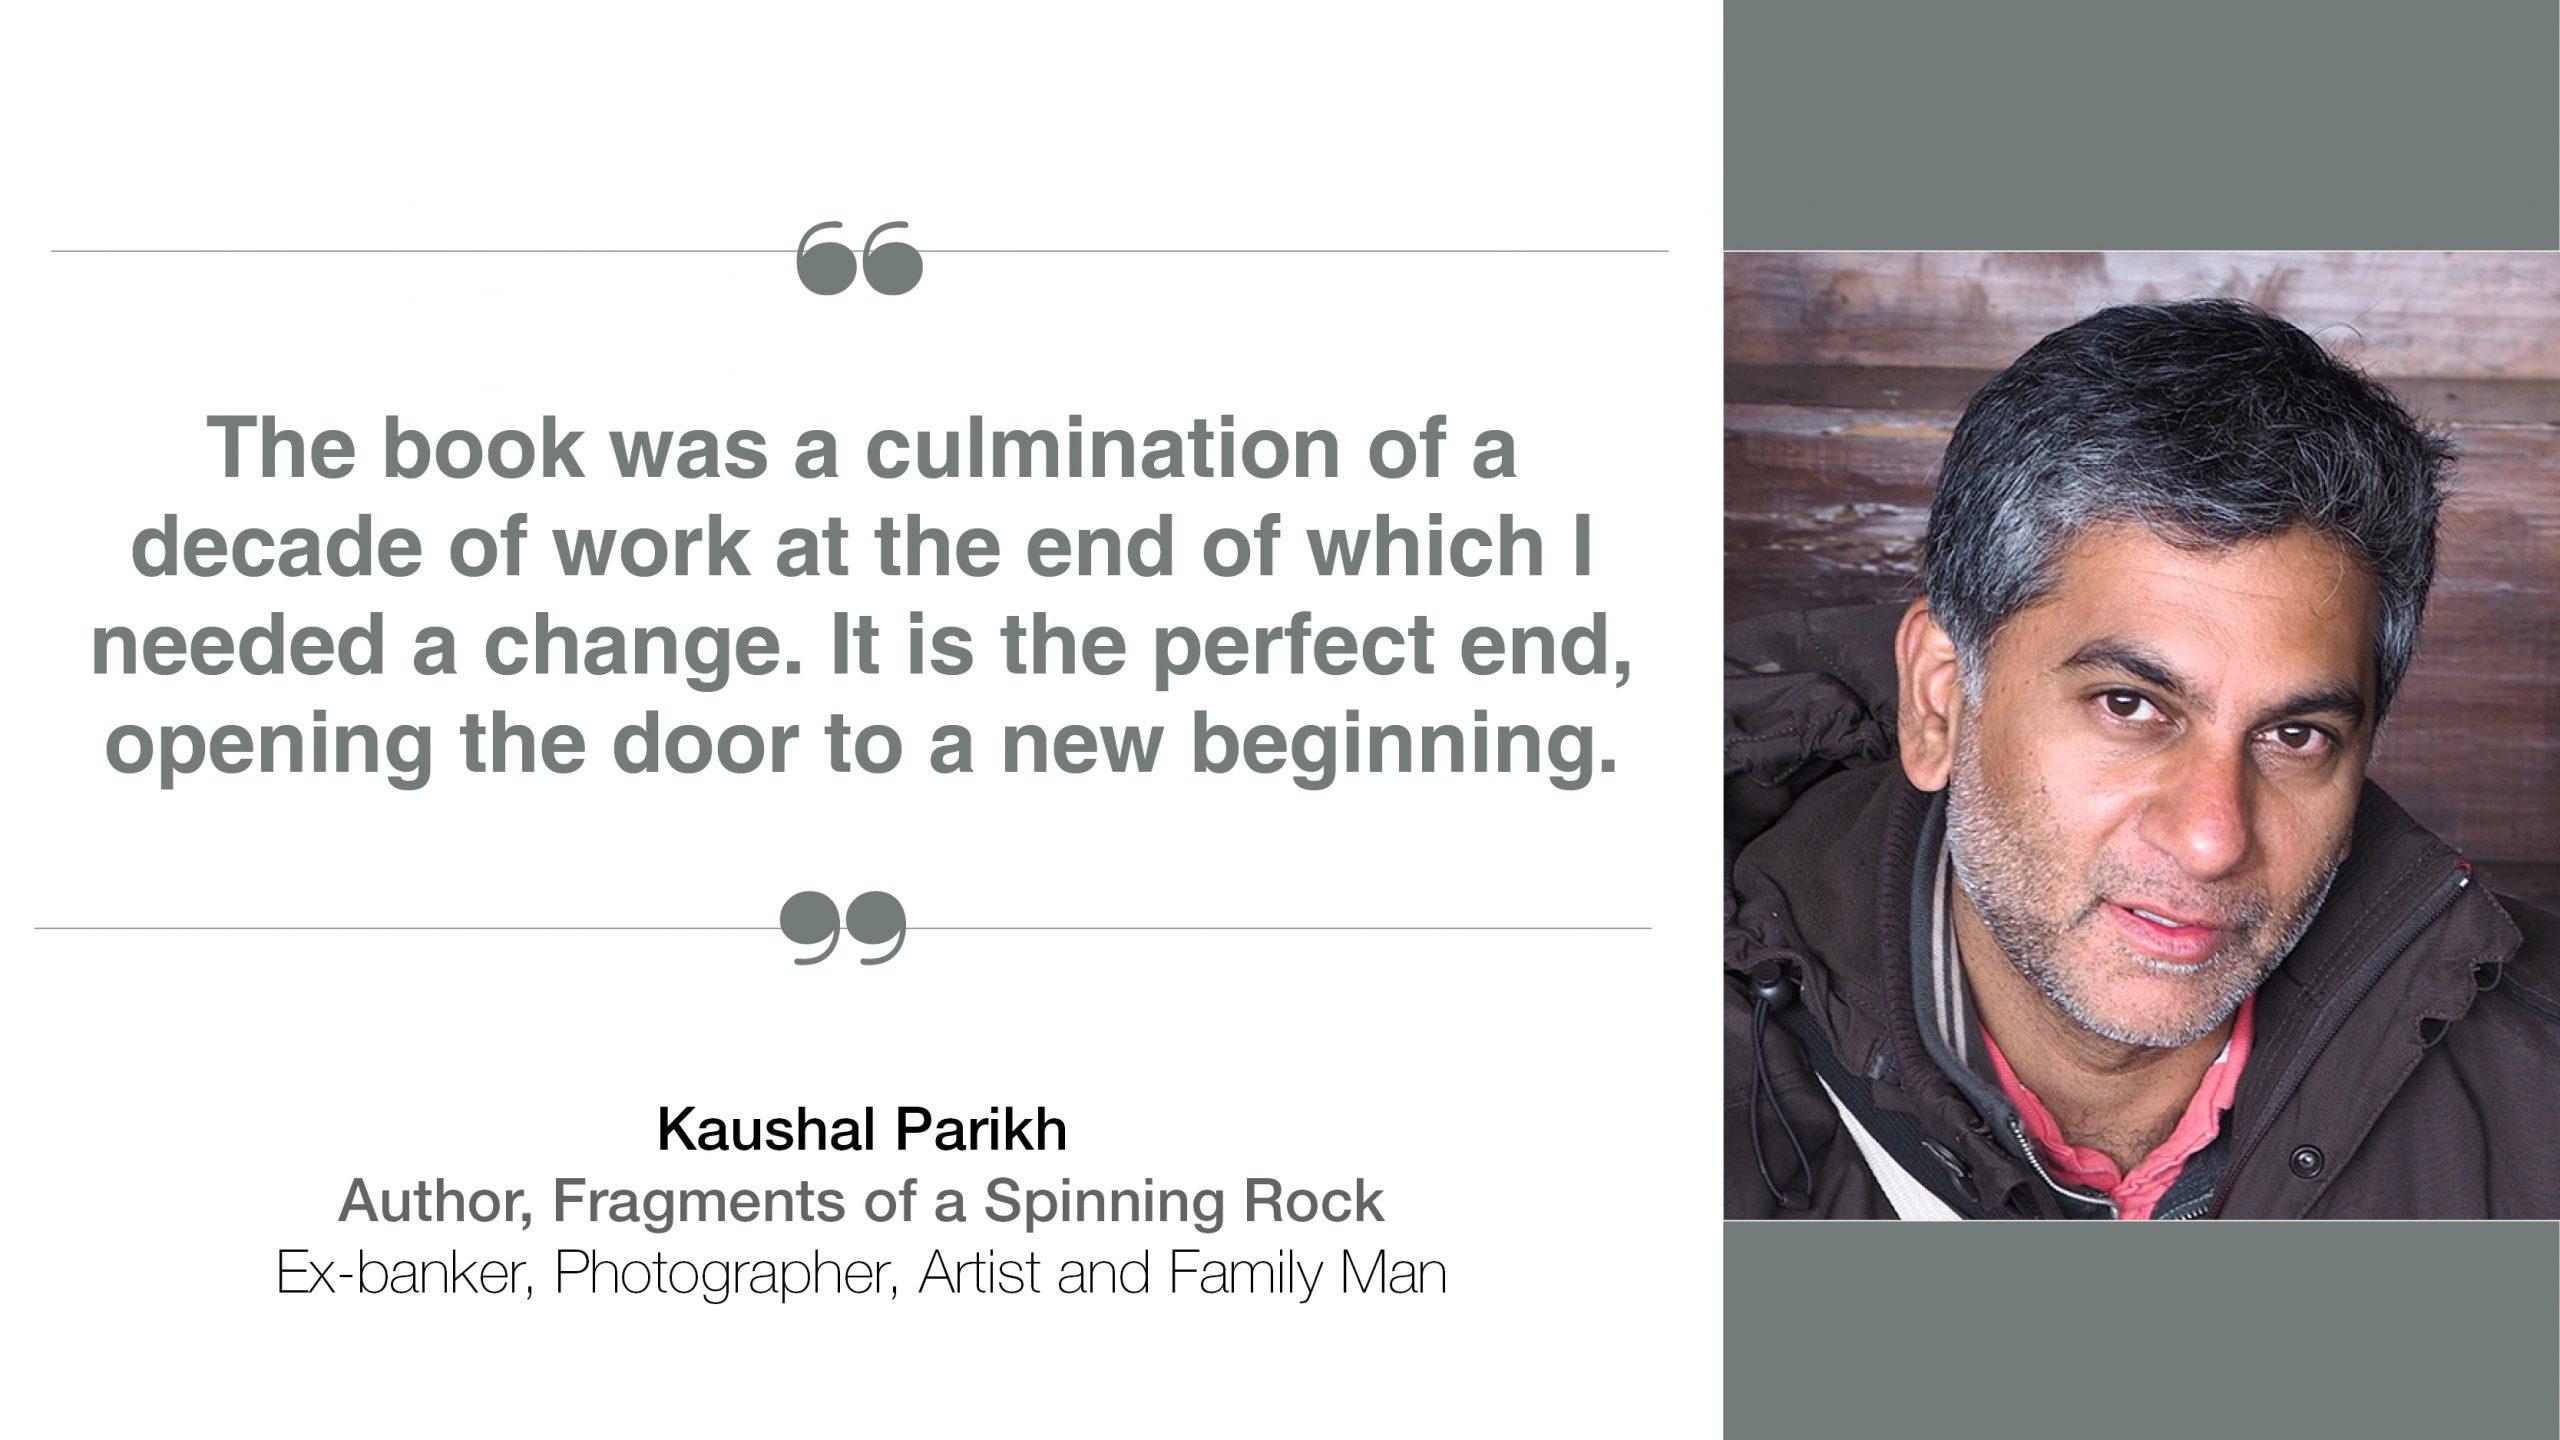 Kaushal Parikh